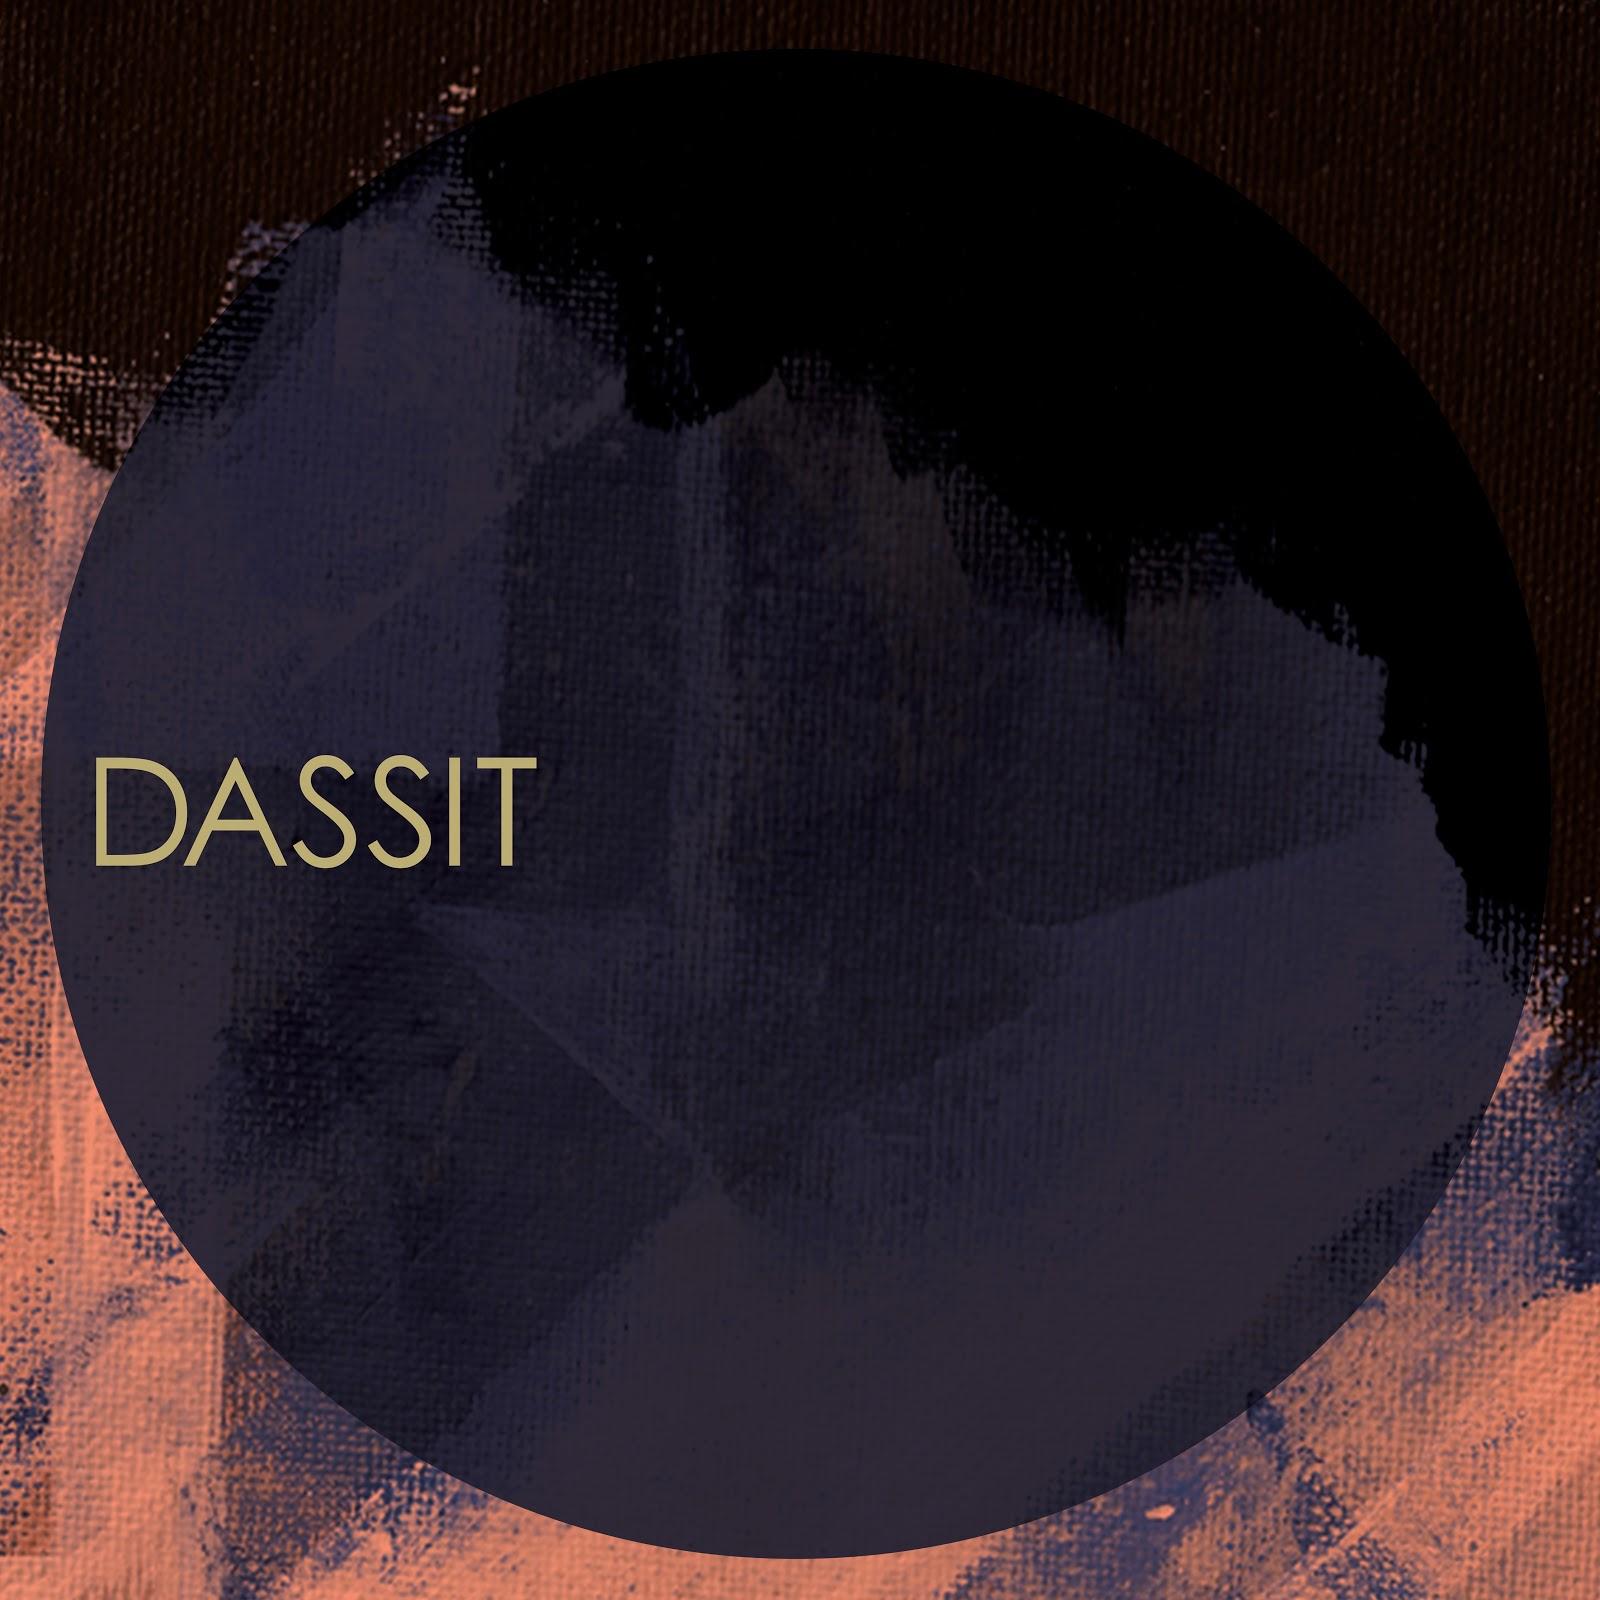 Dassit - Dassit (2012)